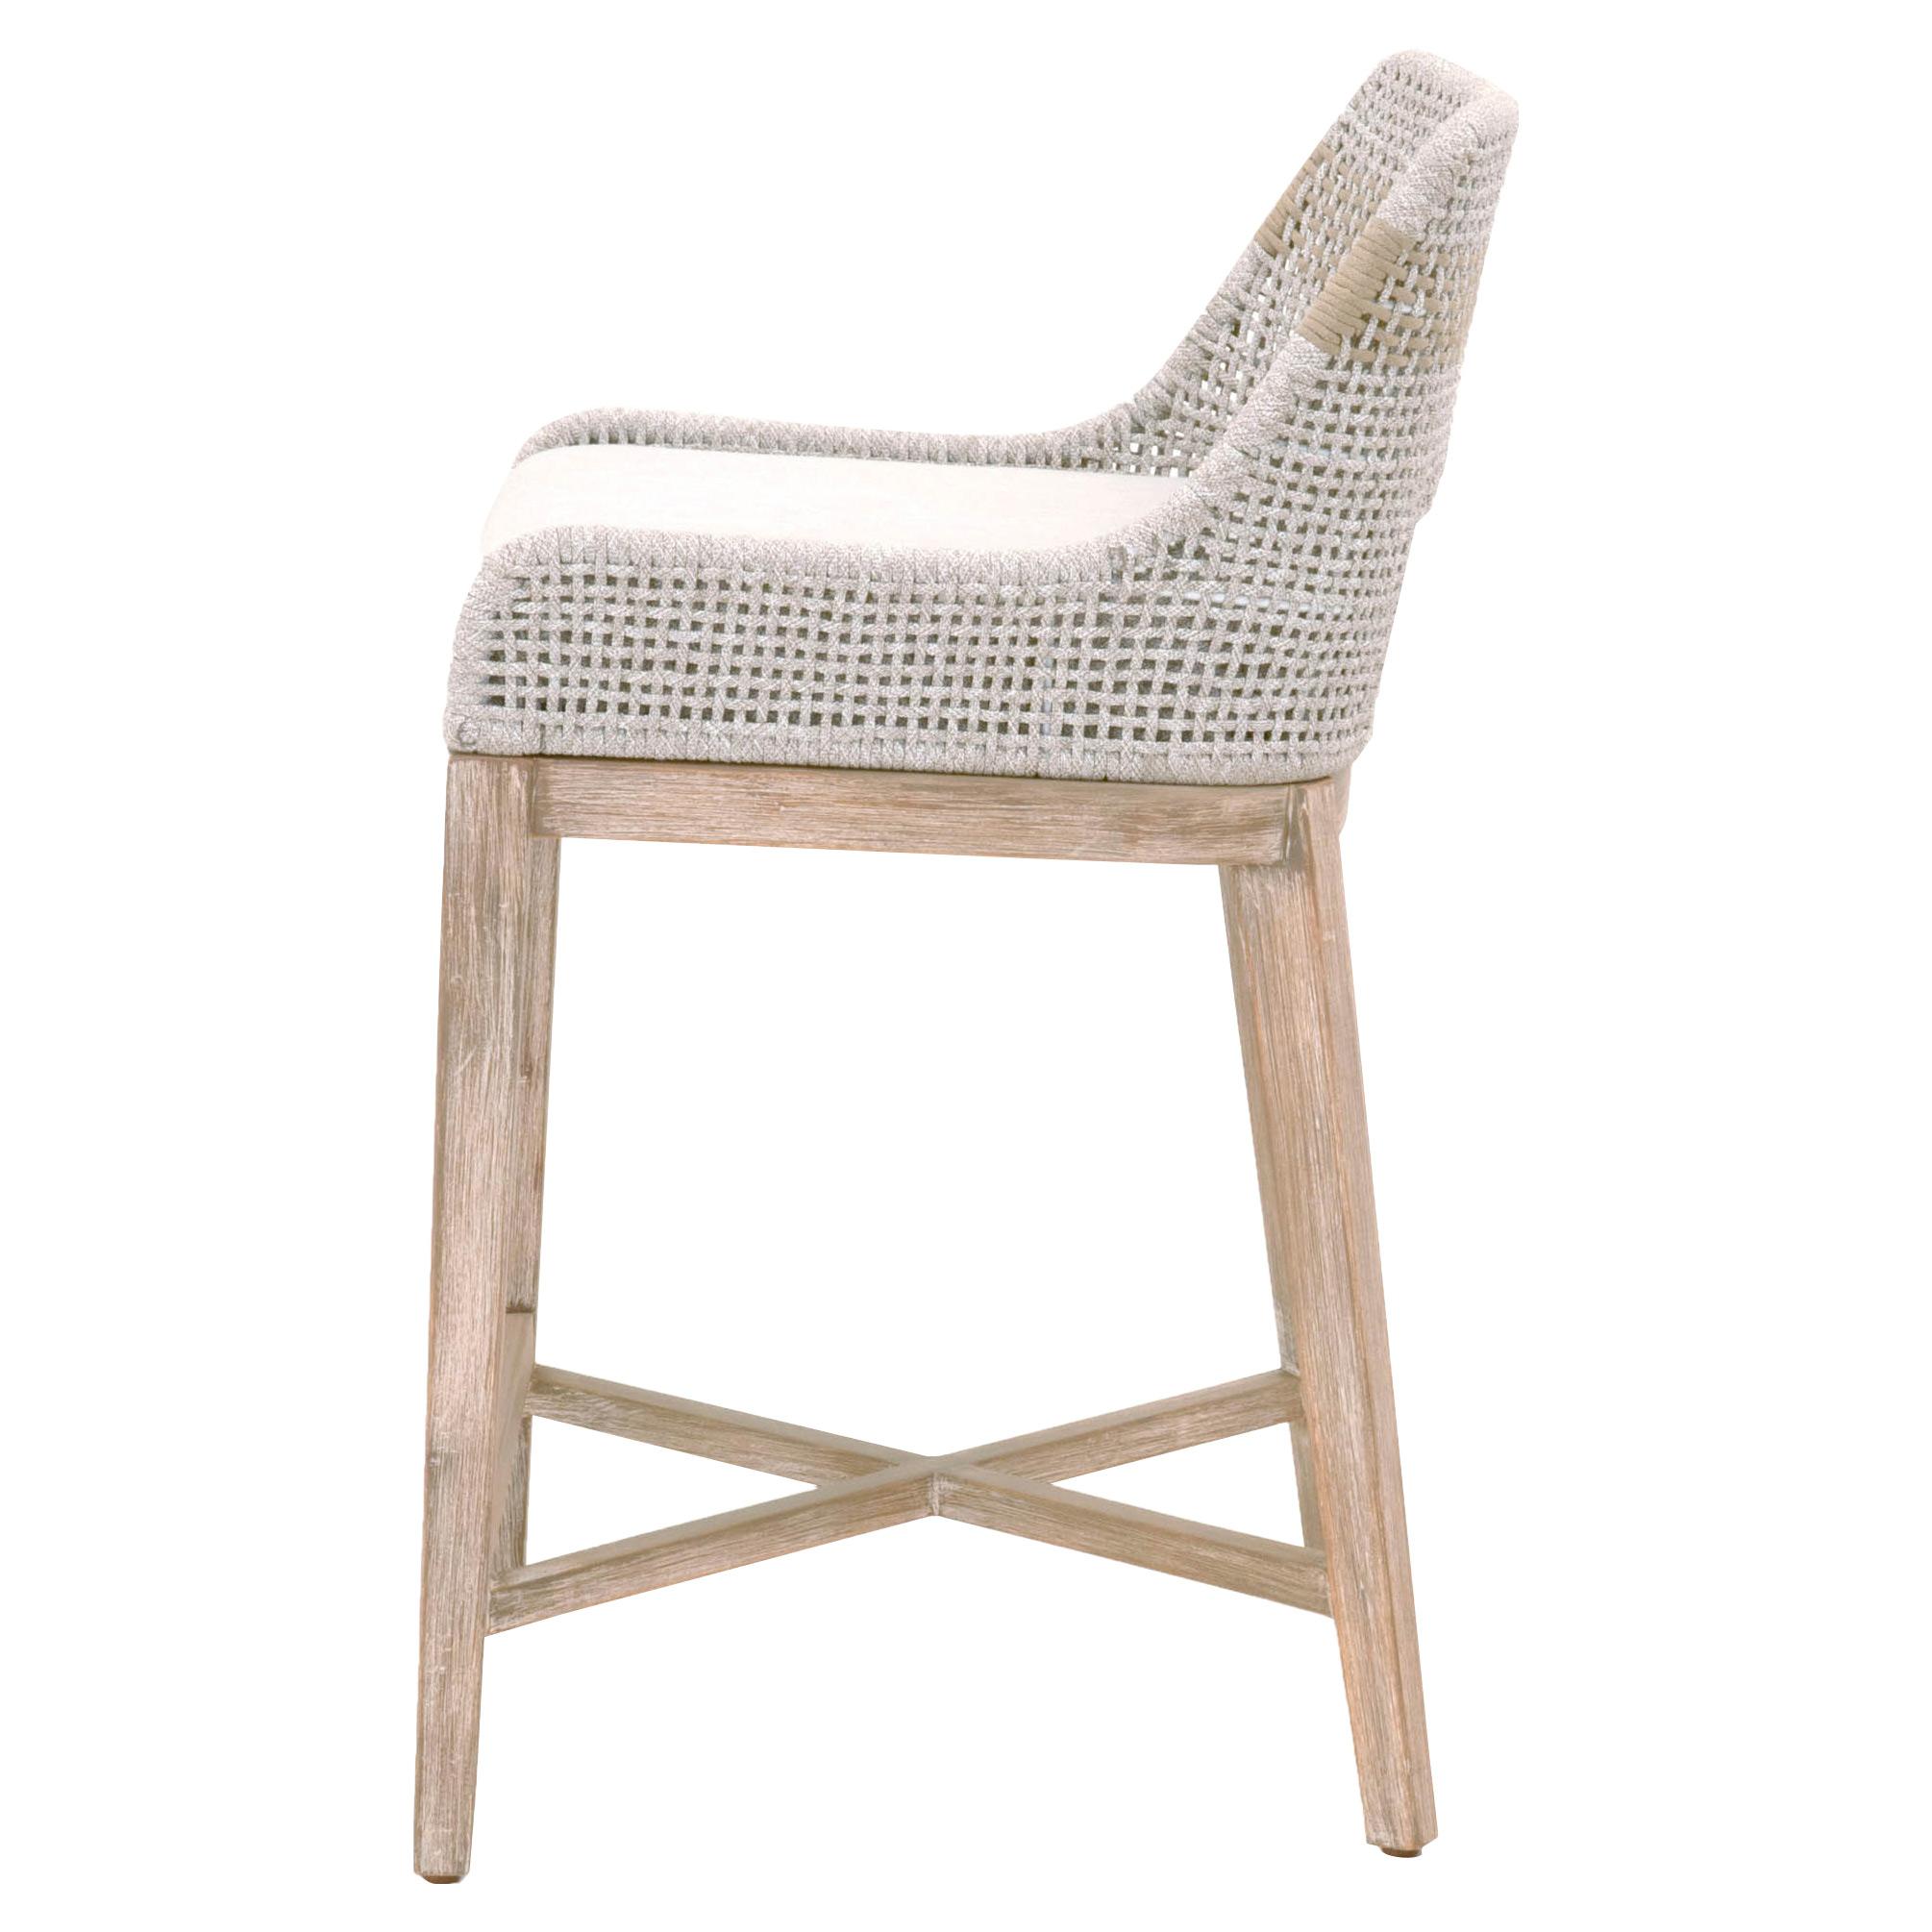 Theodore Modern Classic Grey Woven Fixed Cushion Mahogany Counter Stool